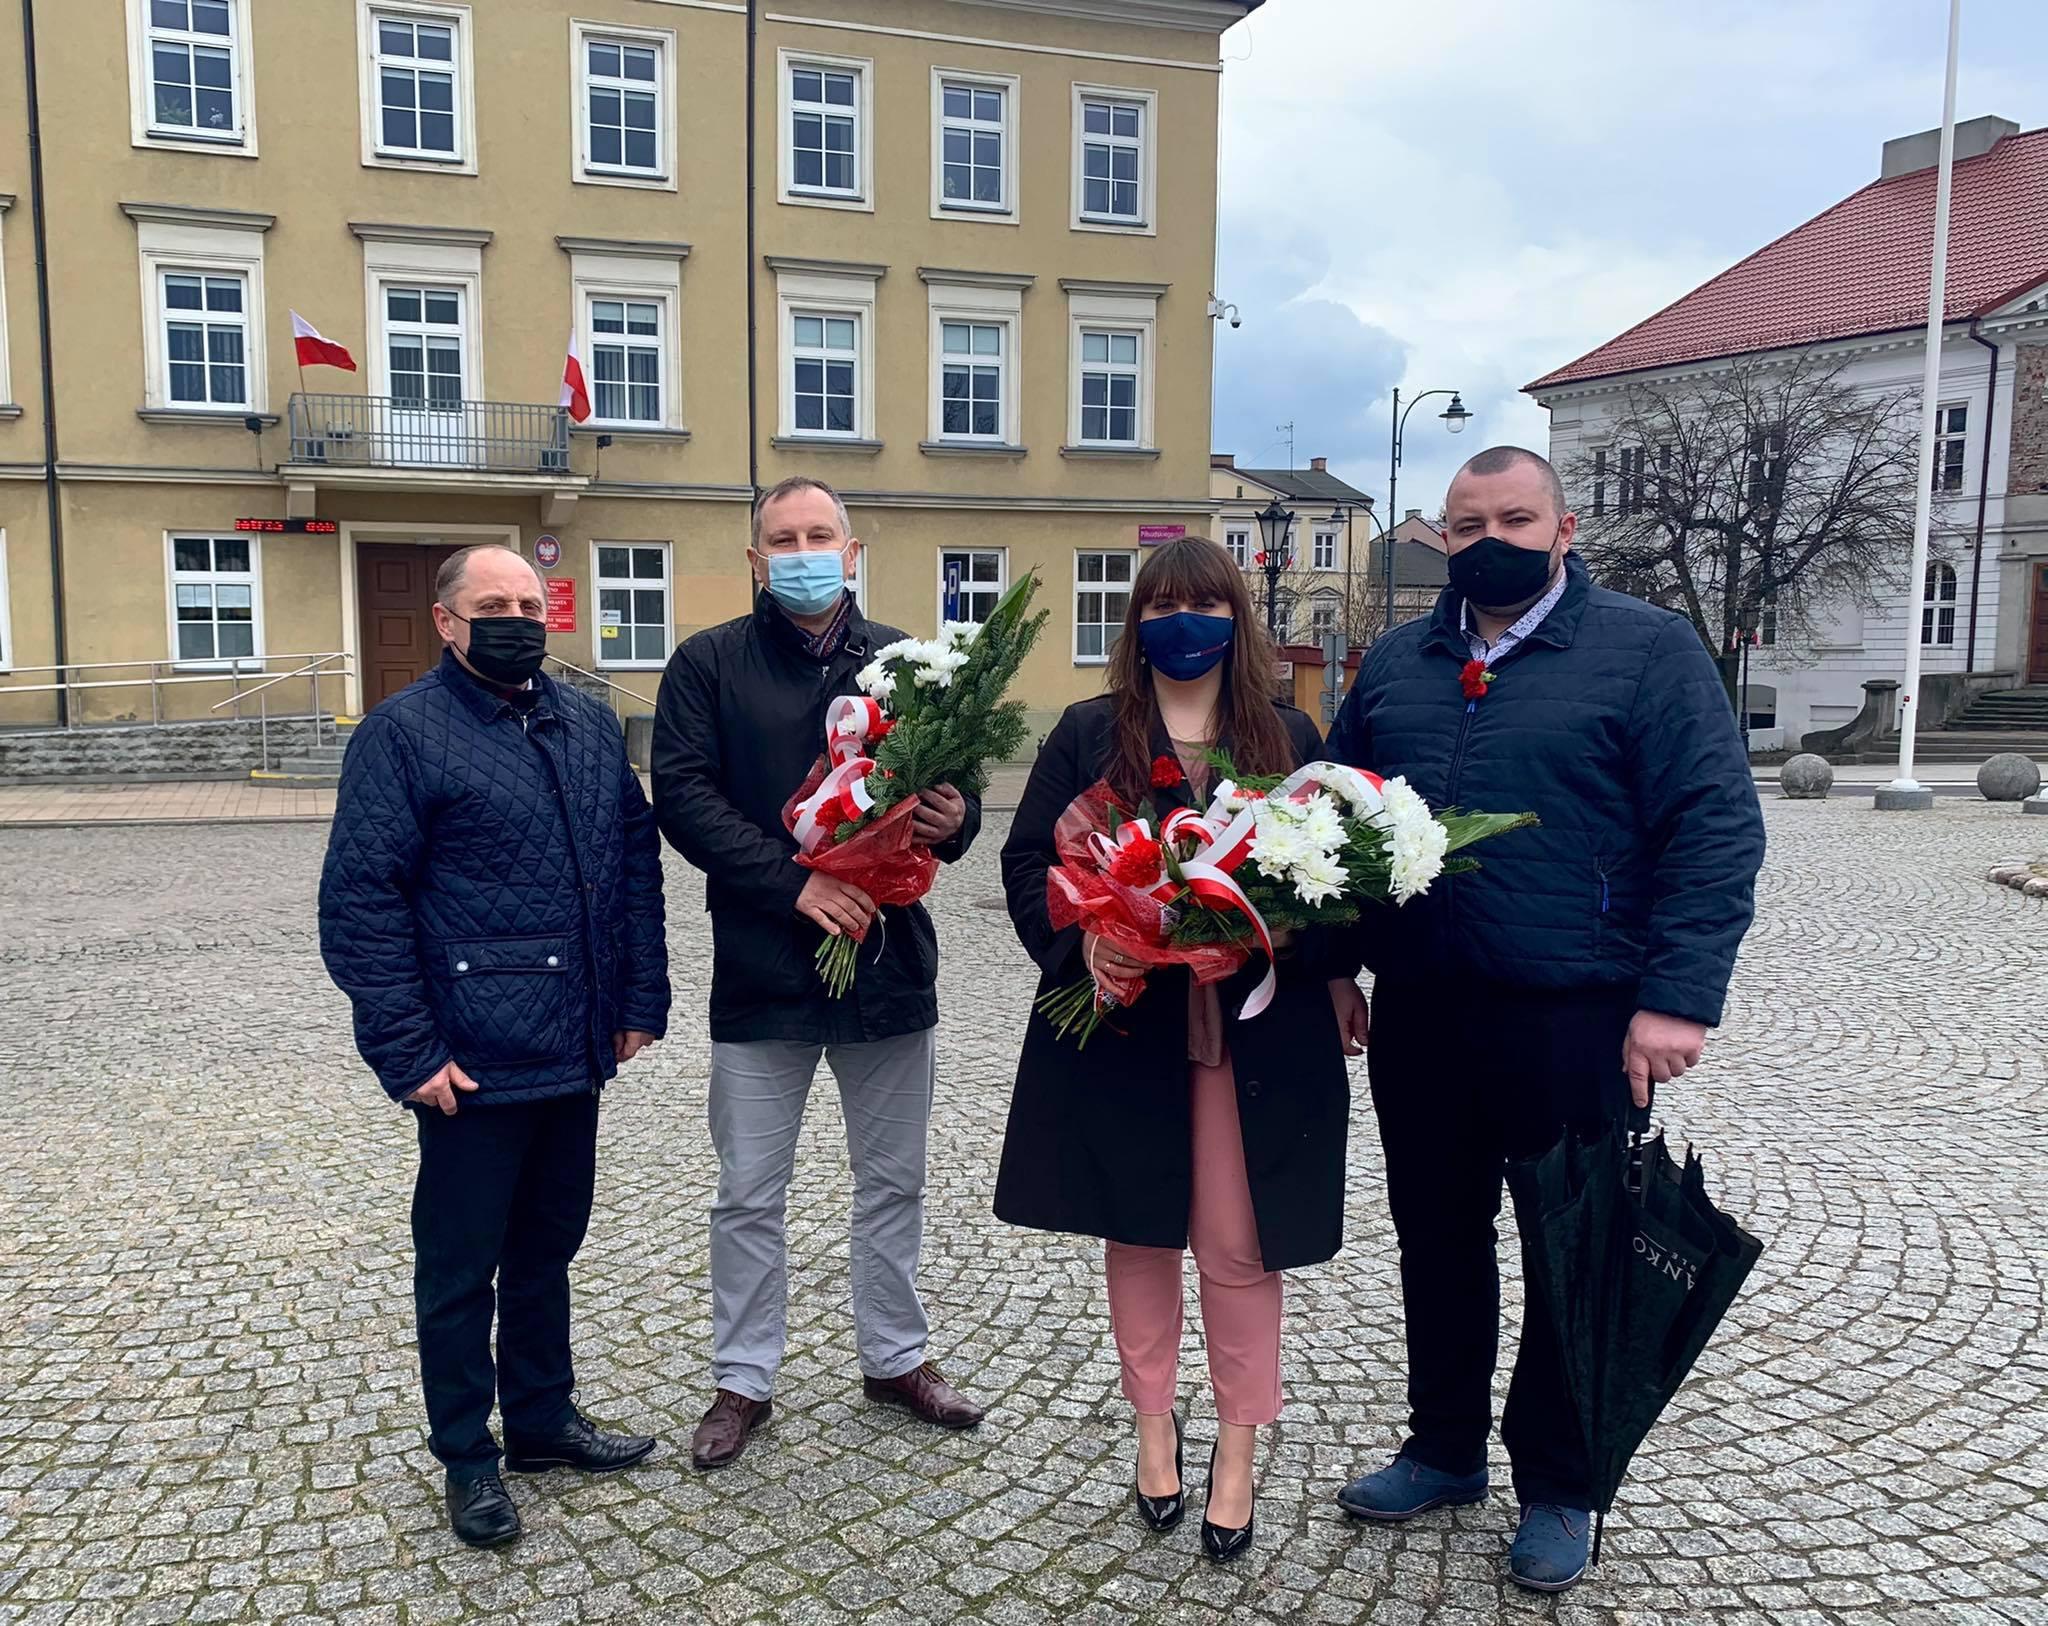 Koalicja Obywatelska rozdawała flagi i składała kwiaty w Kutnie [ZDJĘCIA] - Zdjęcie główne